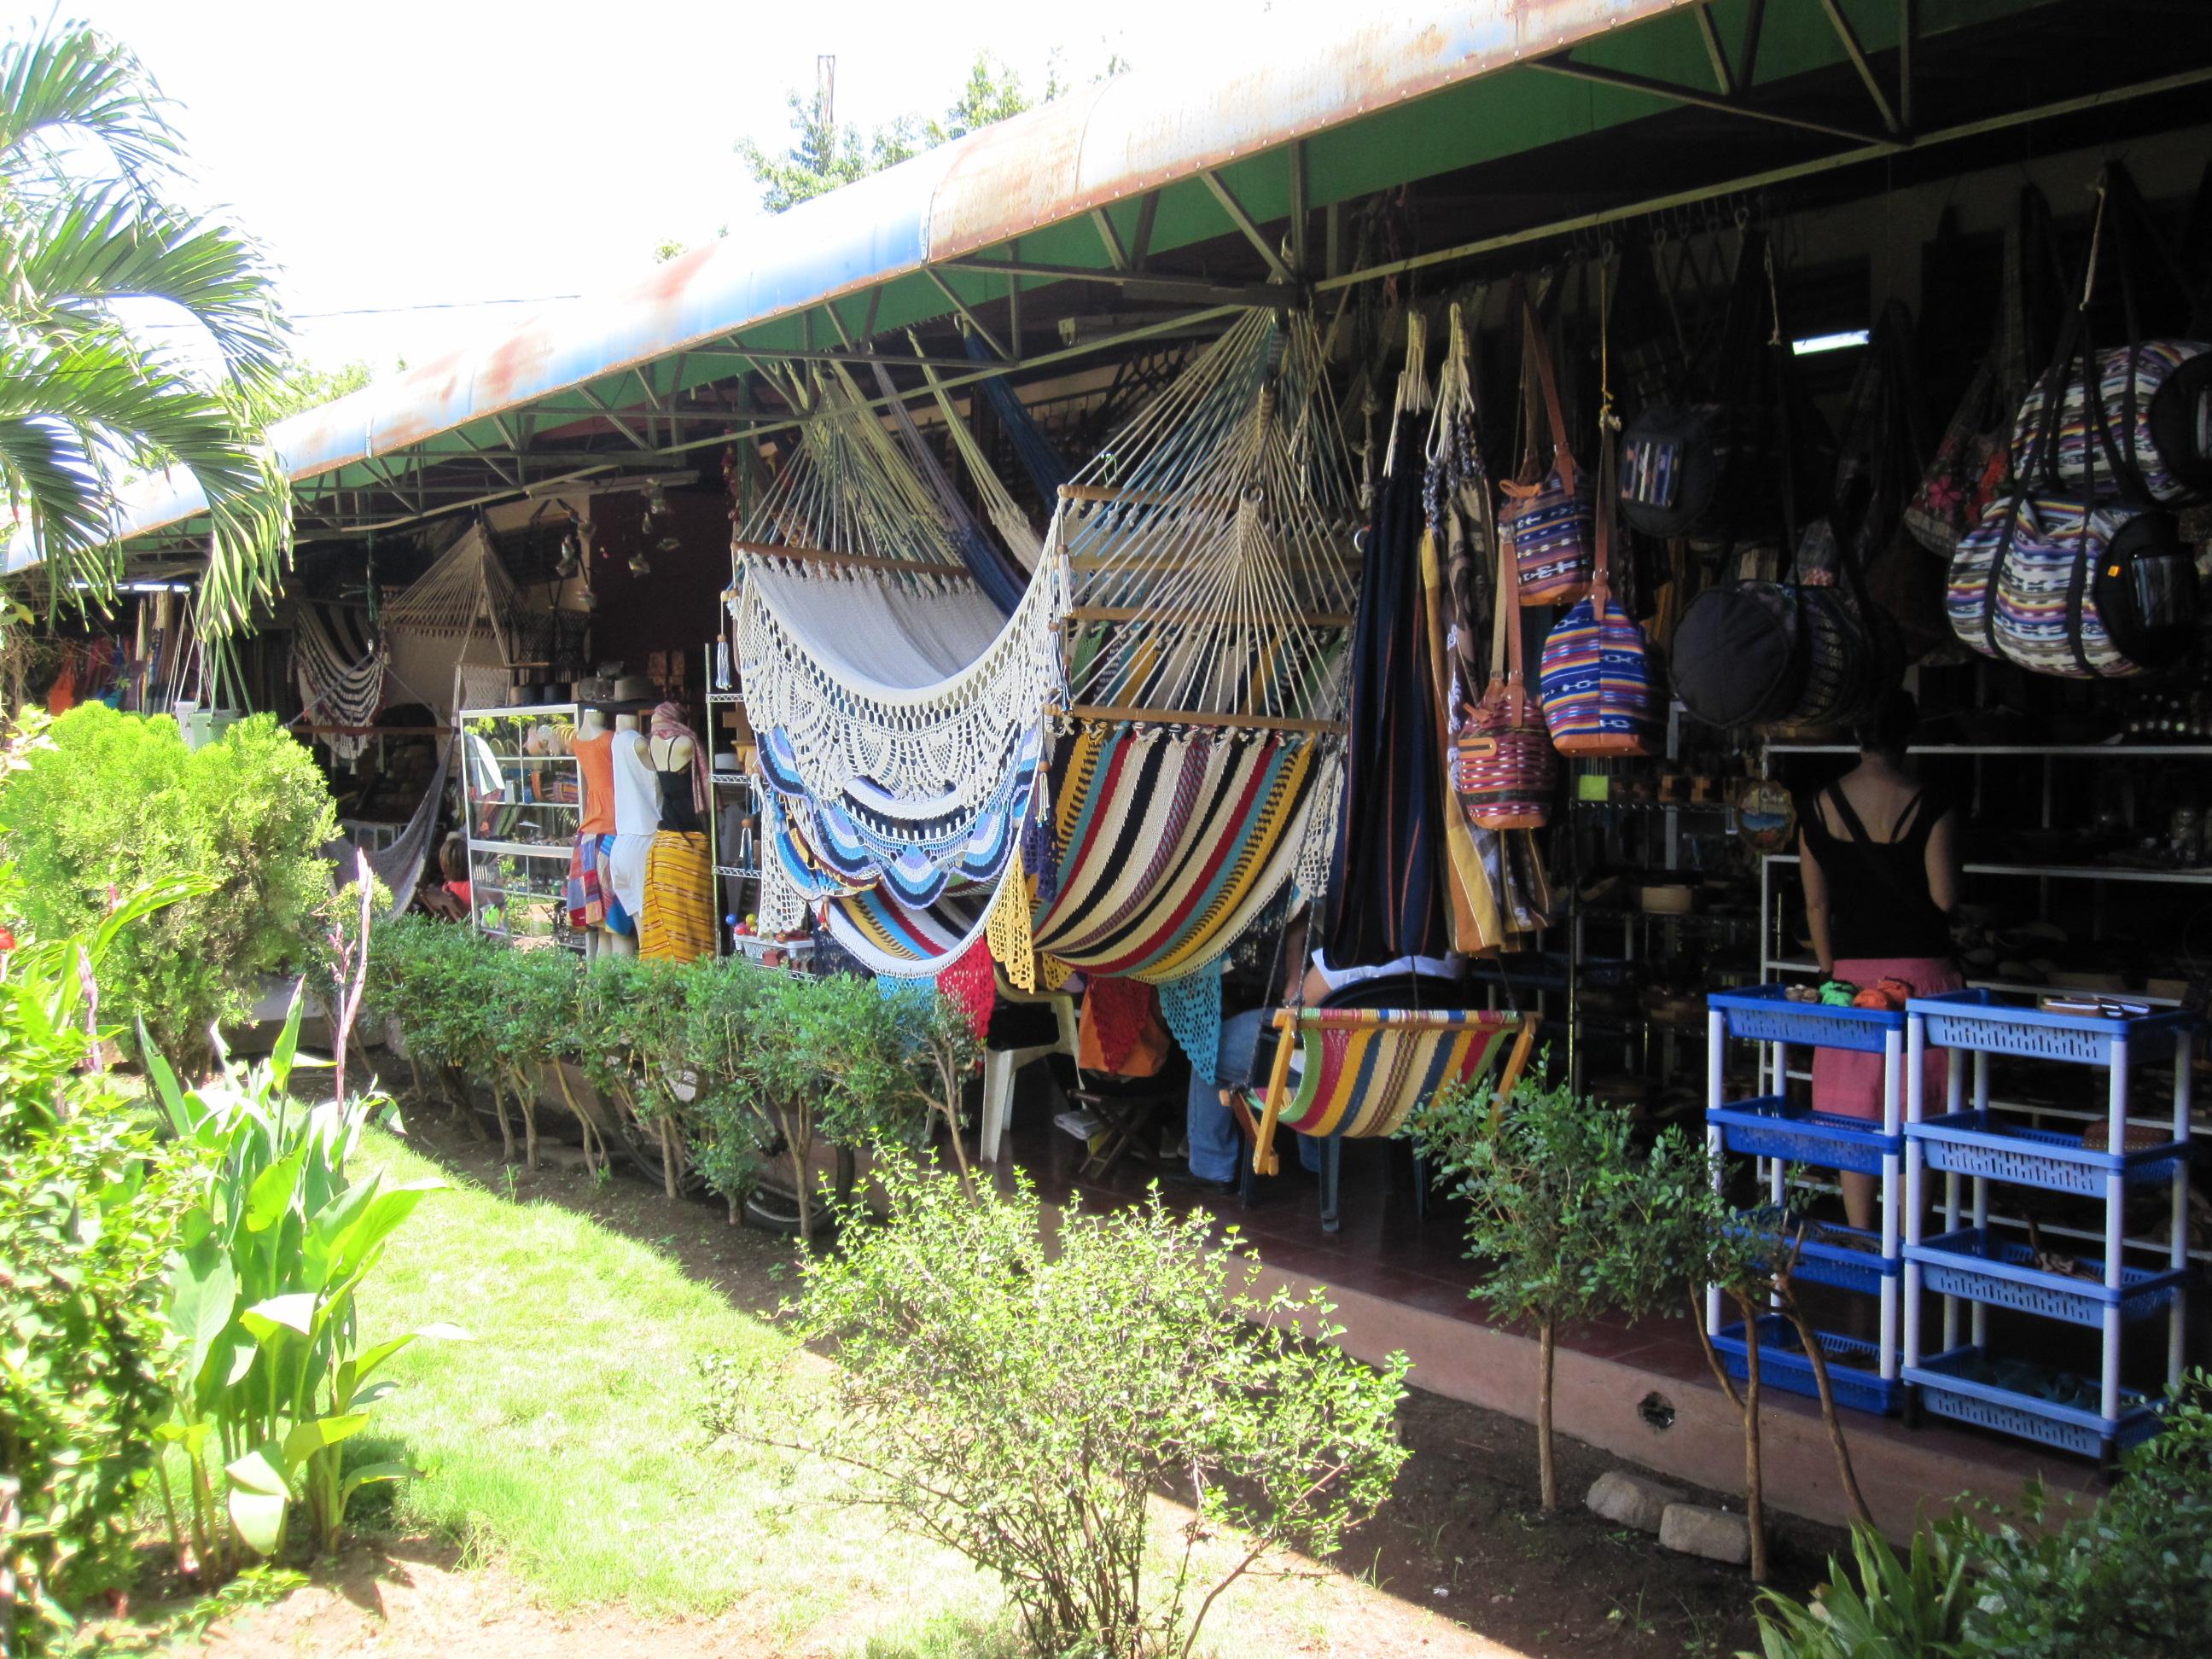 Shopping in Masaya